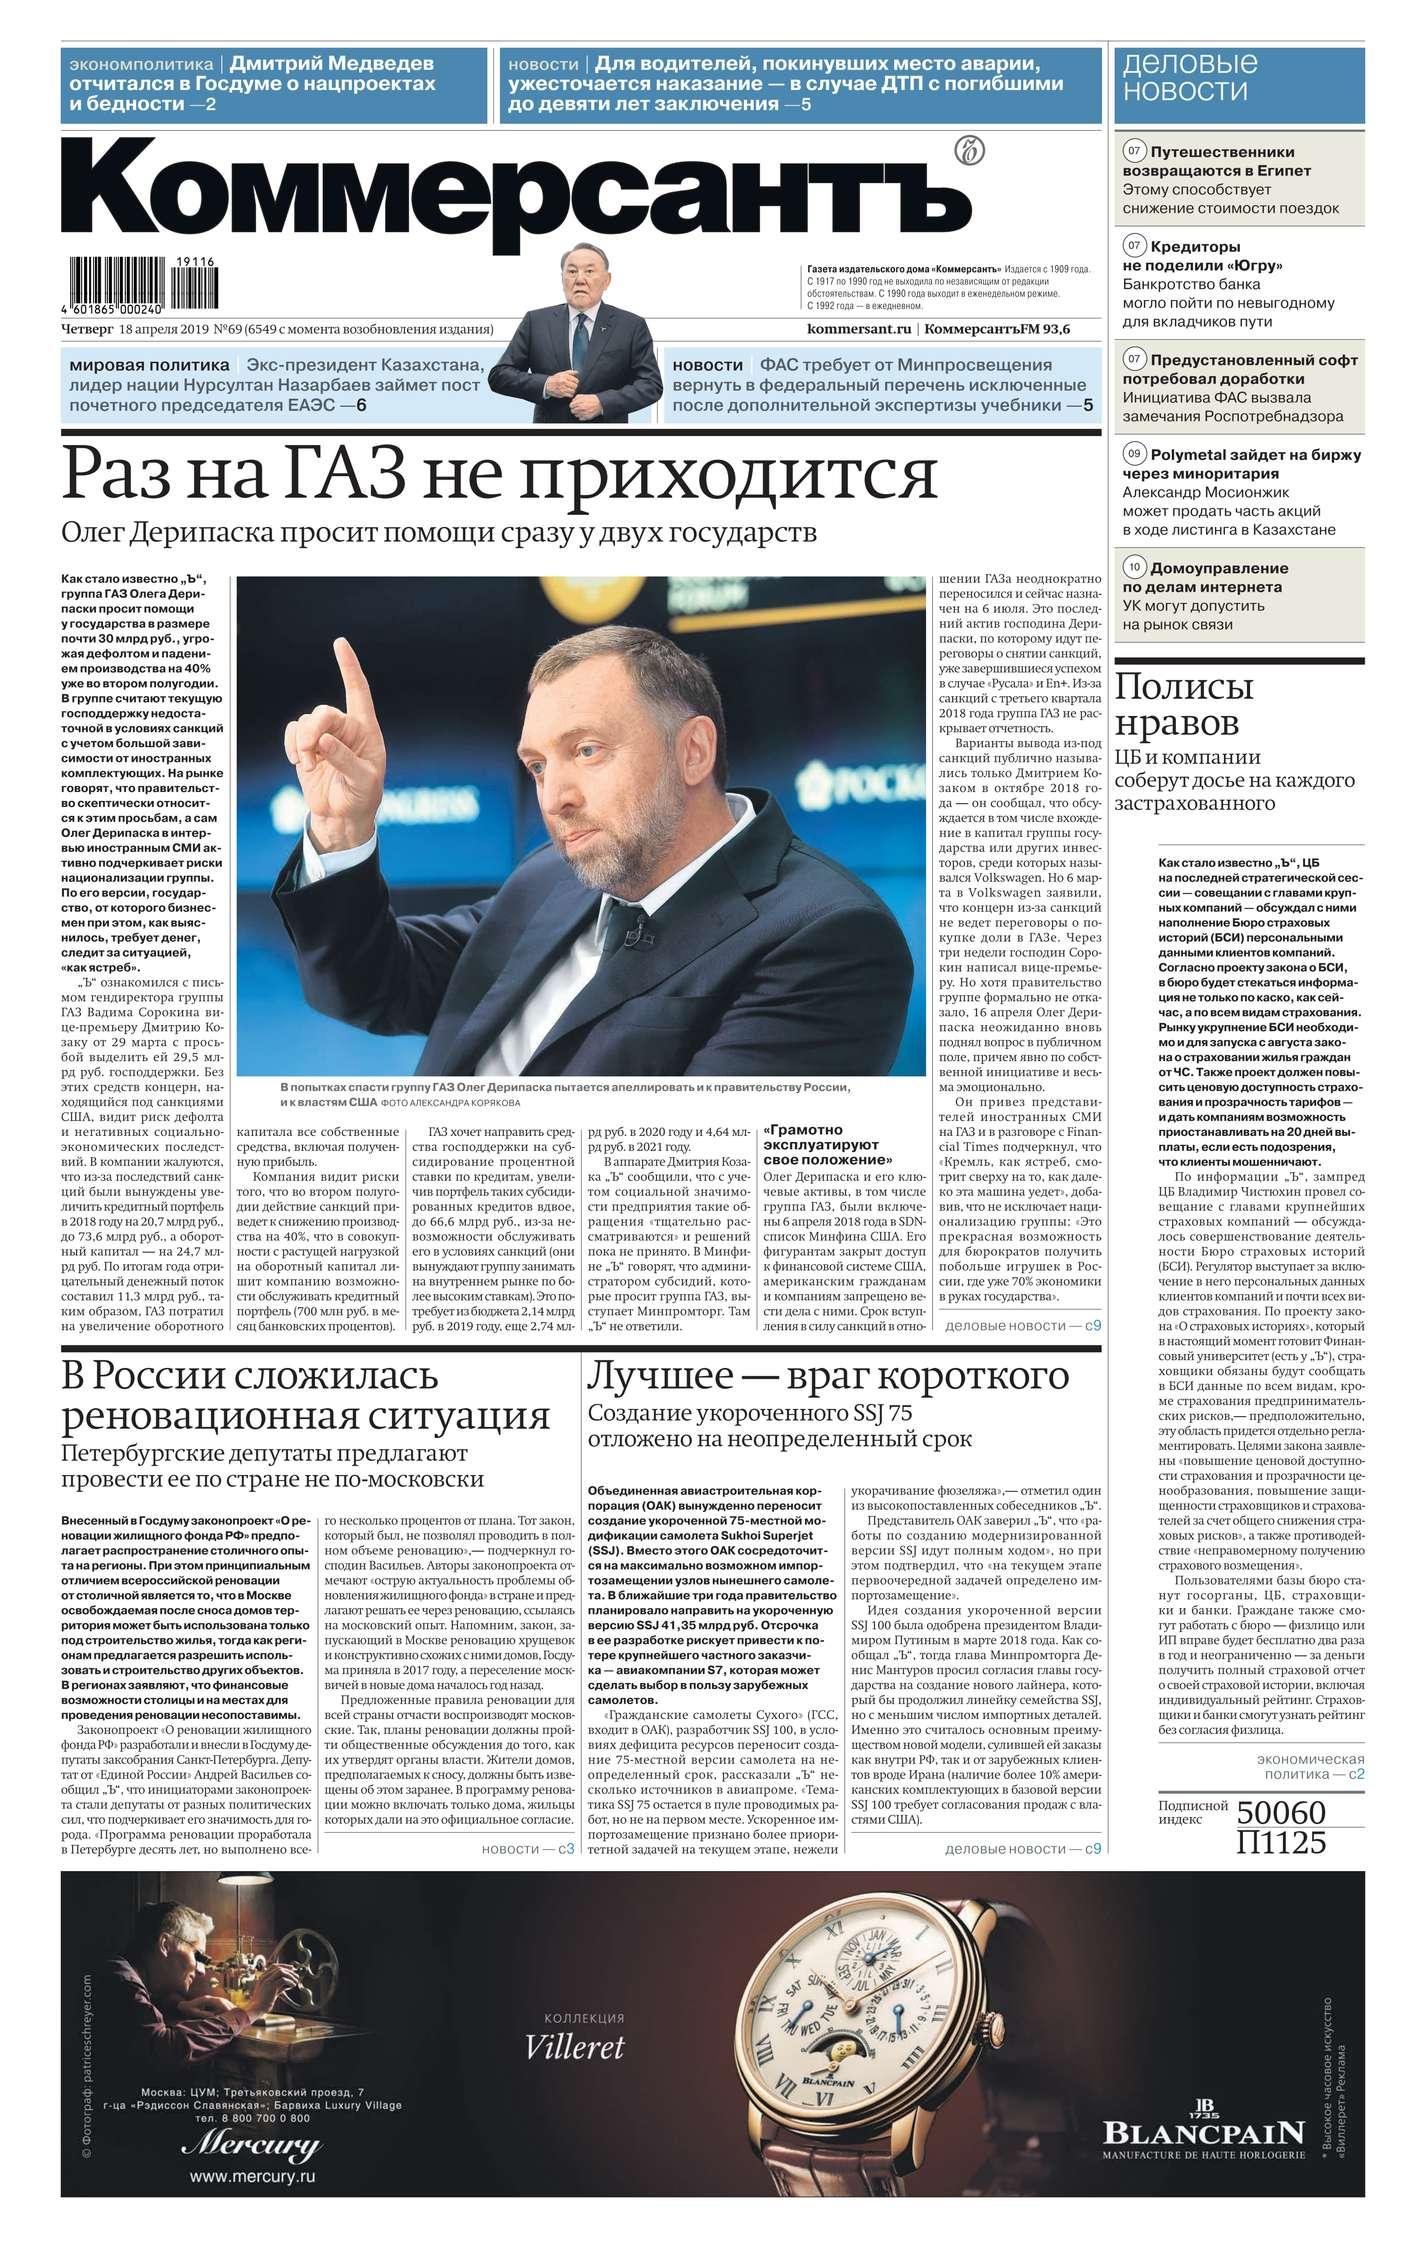 Редакция газеты Коммерсантъ (понедельник-пятница) Коммерсантъ (понедельник-пятница) 69-2019